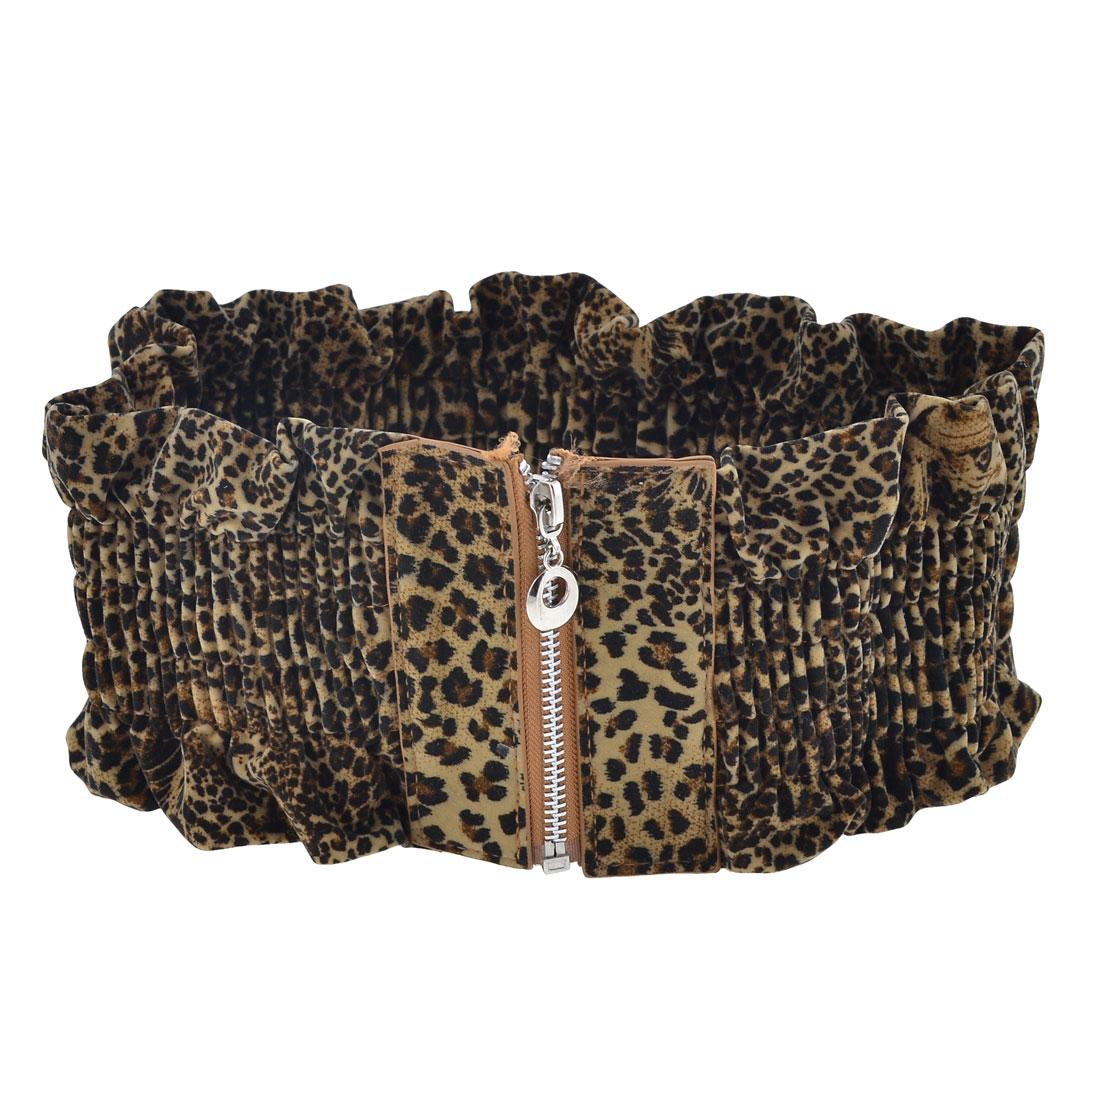 Zipper Closure Leopard Print Faux Leather Elastic Waist Belt for Ladies